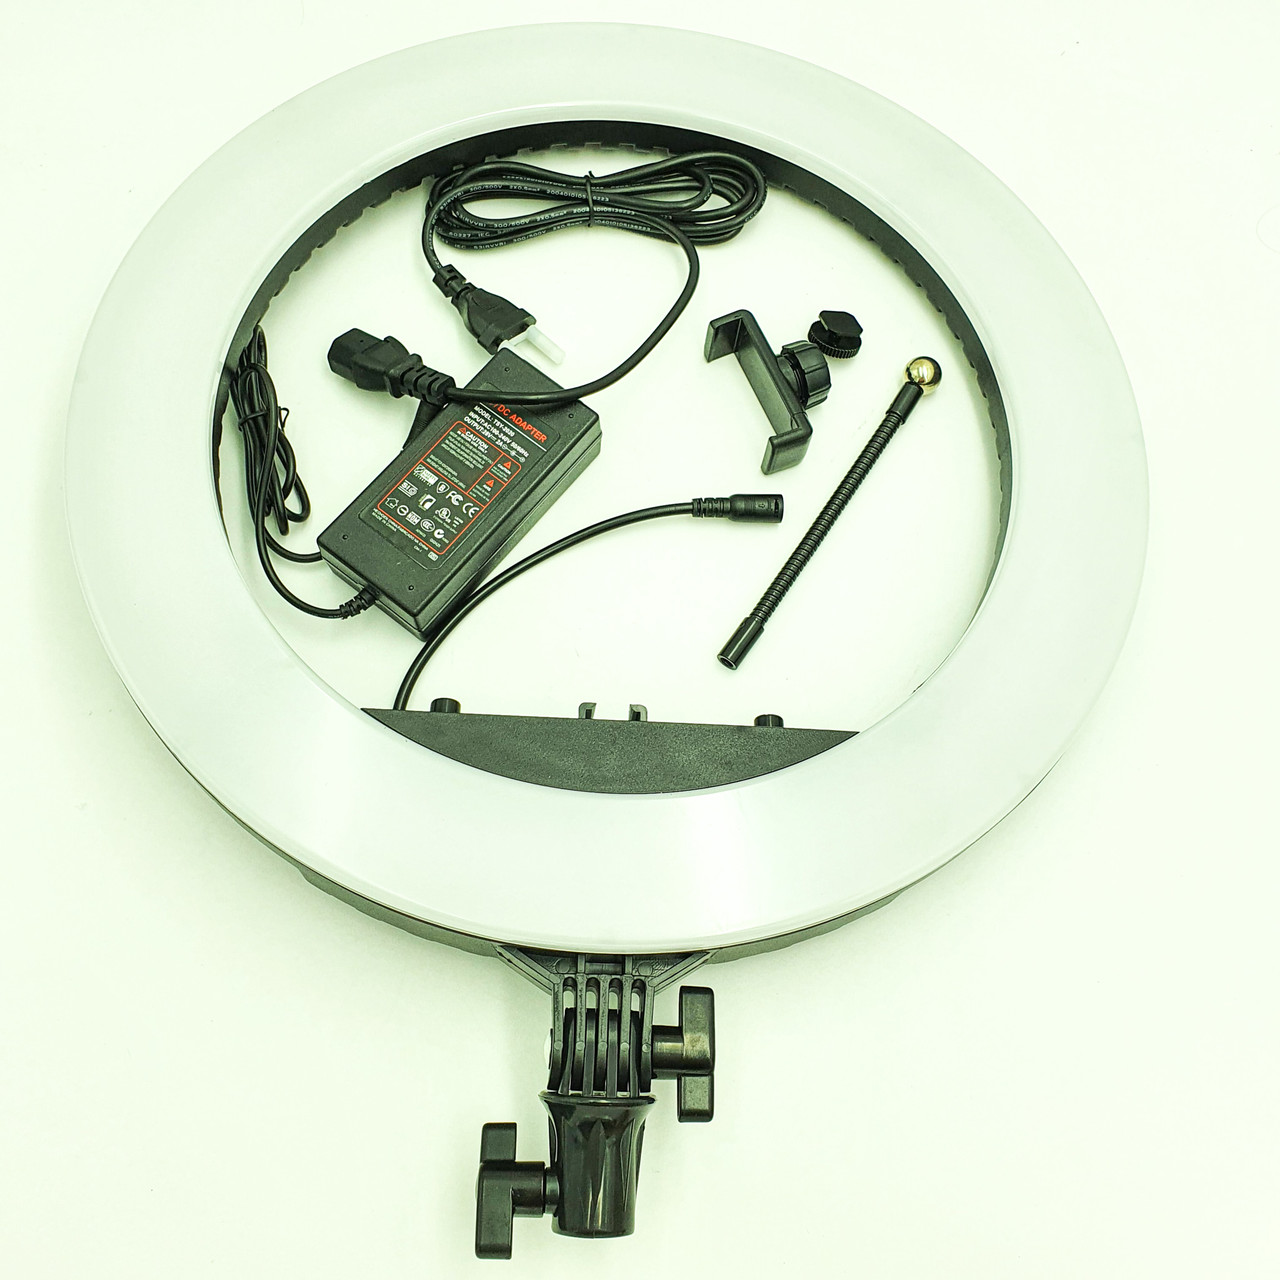 Кільцева LED лампа 45 см 55W з тримачем для телефону селфи кільце блогера регулювання яскравості і температури